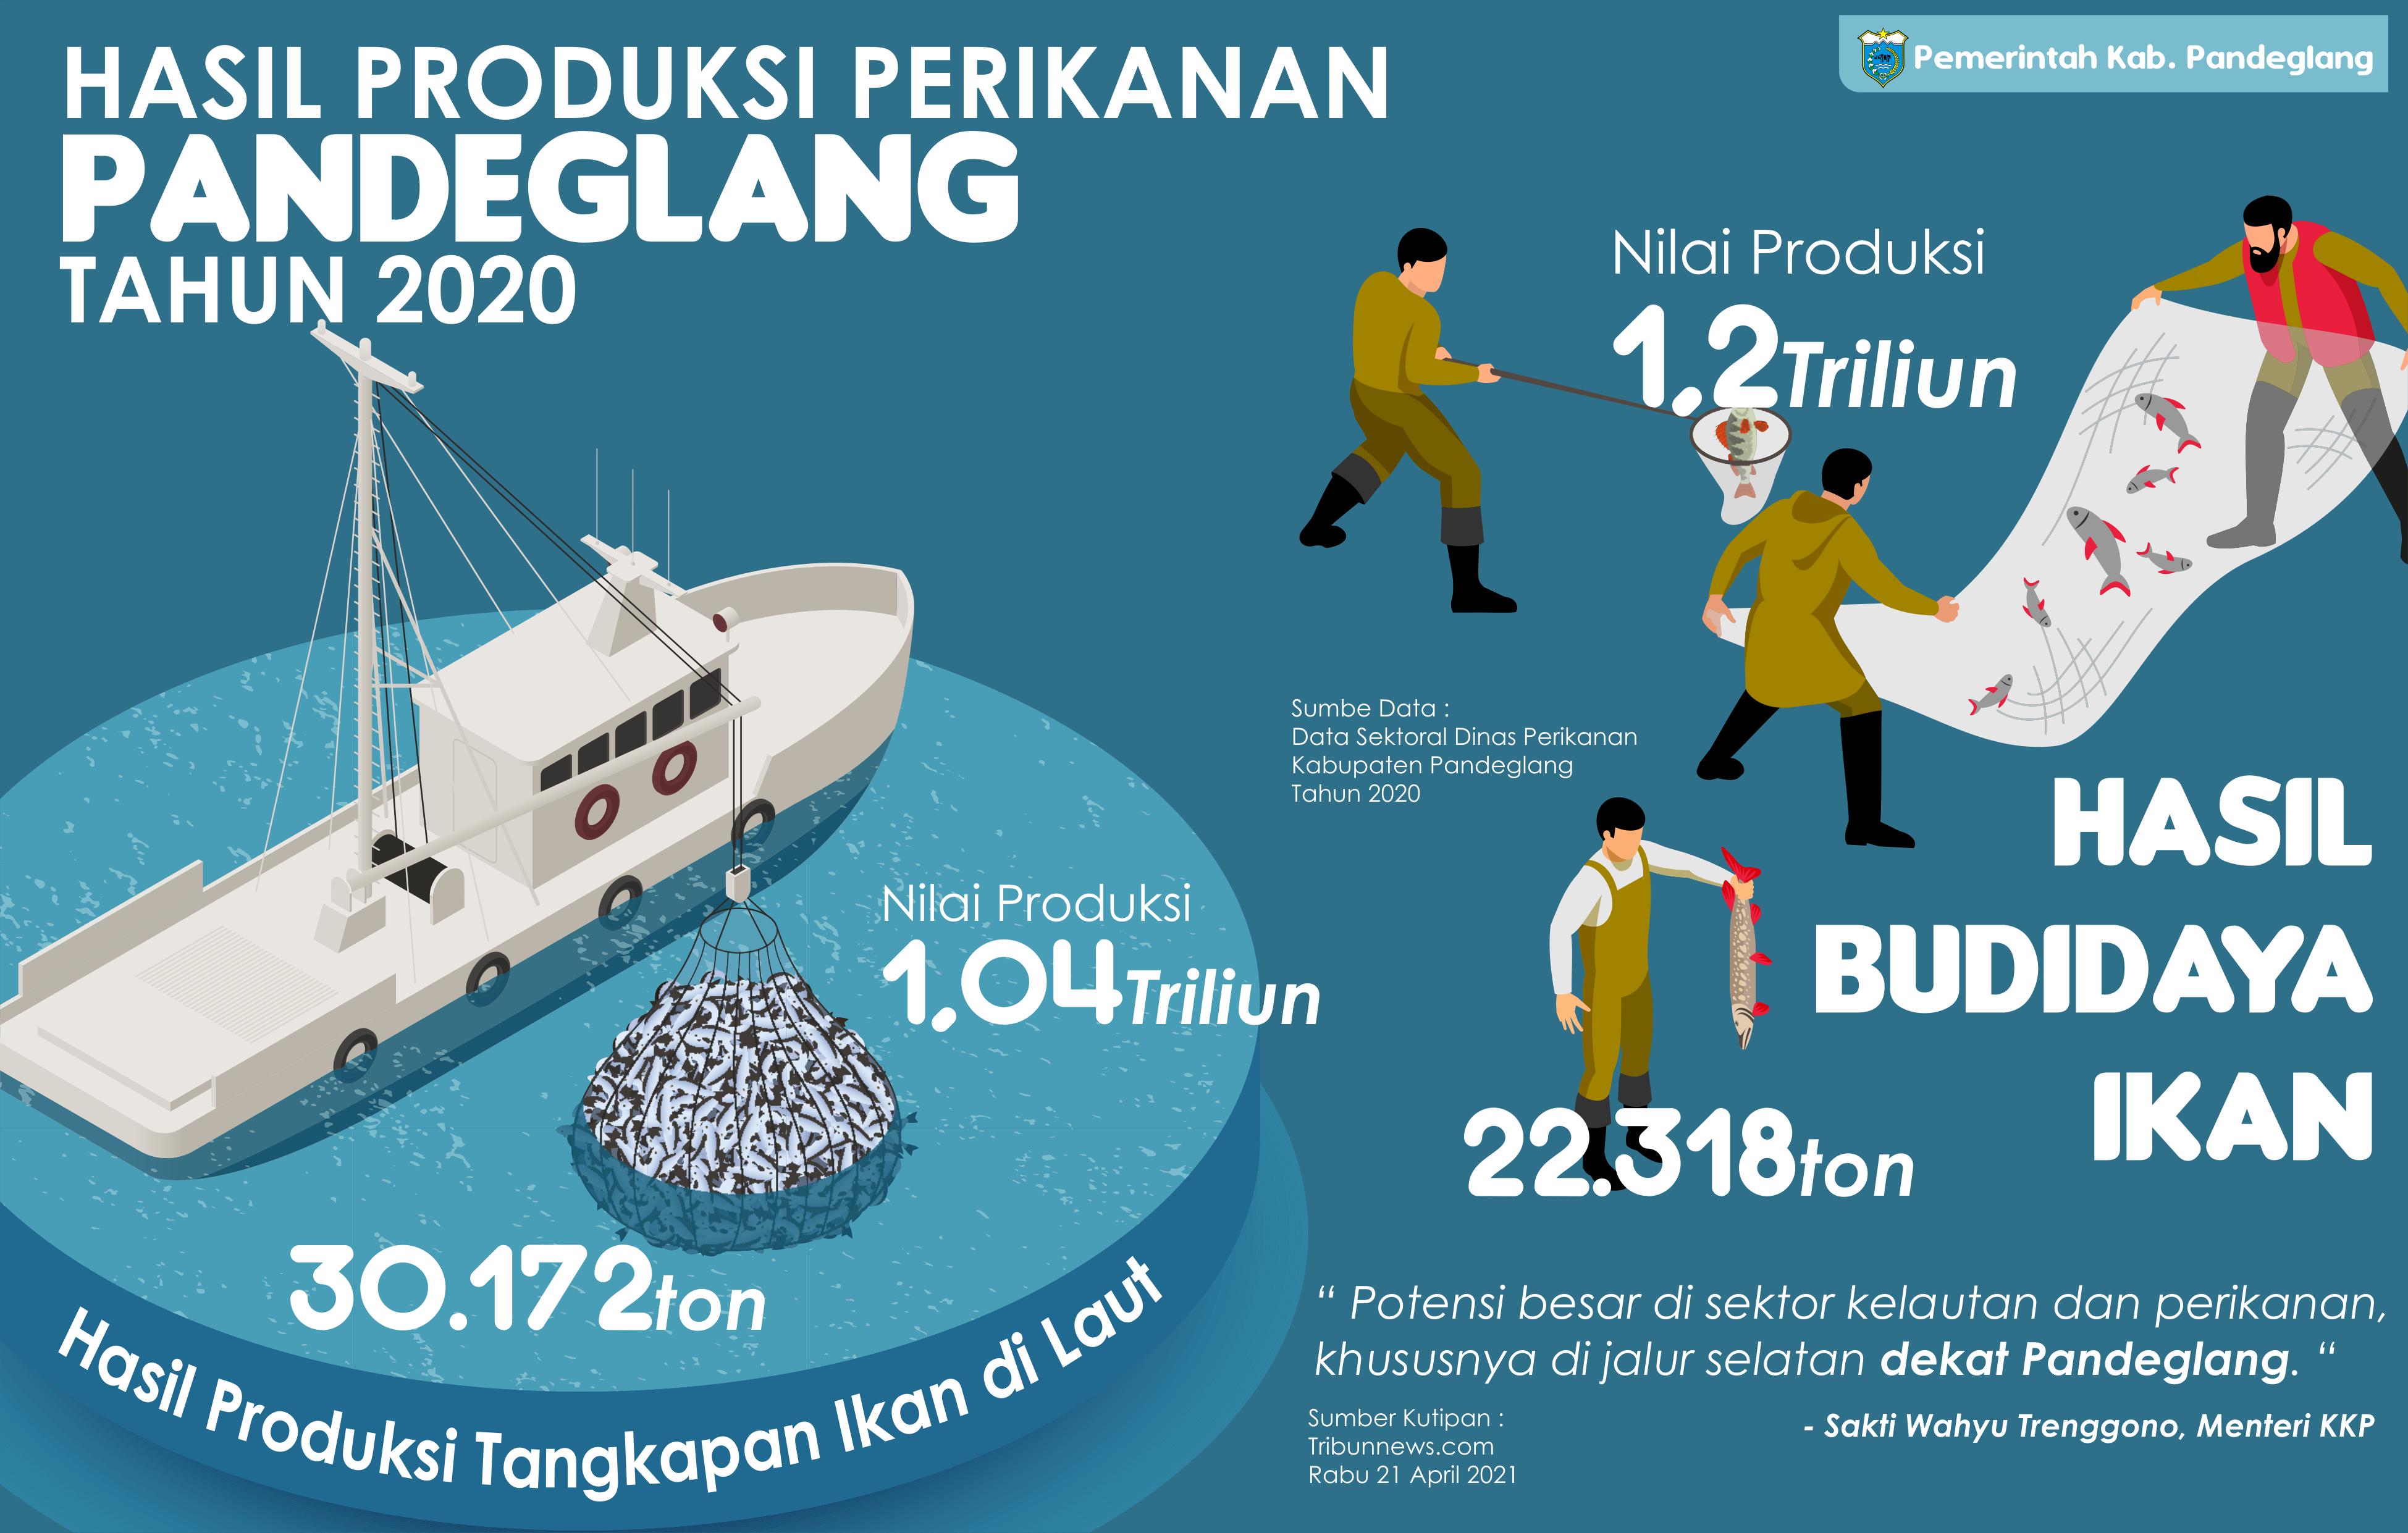 Hasil Produksi Perikanan di Kabupaten Pandeglang Tahun 2020